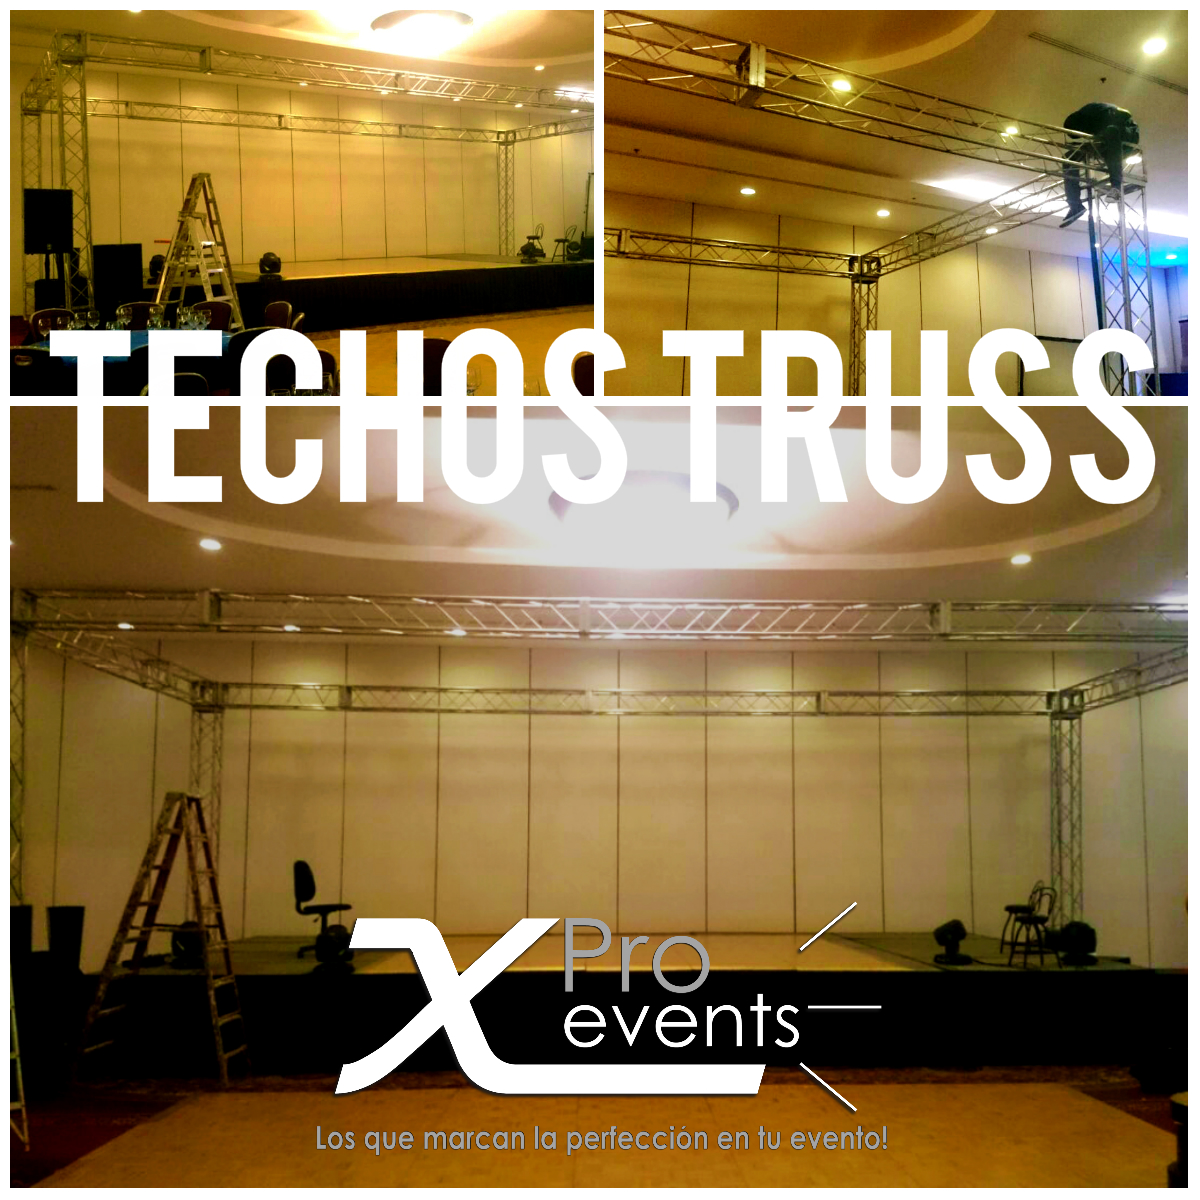 www,Xproevents.com - Estructuras en Truss - Techo Truss.jpg